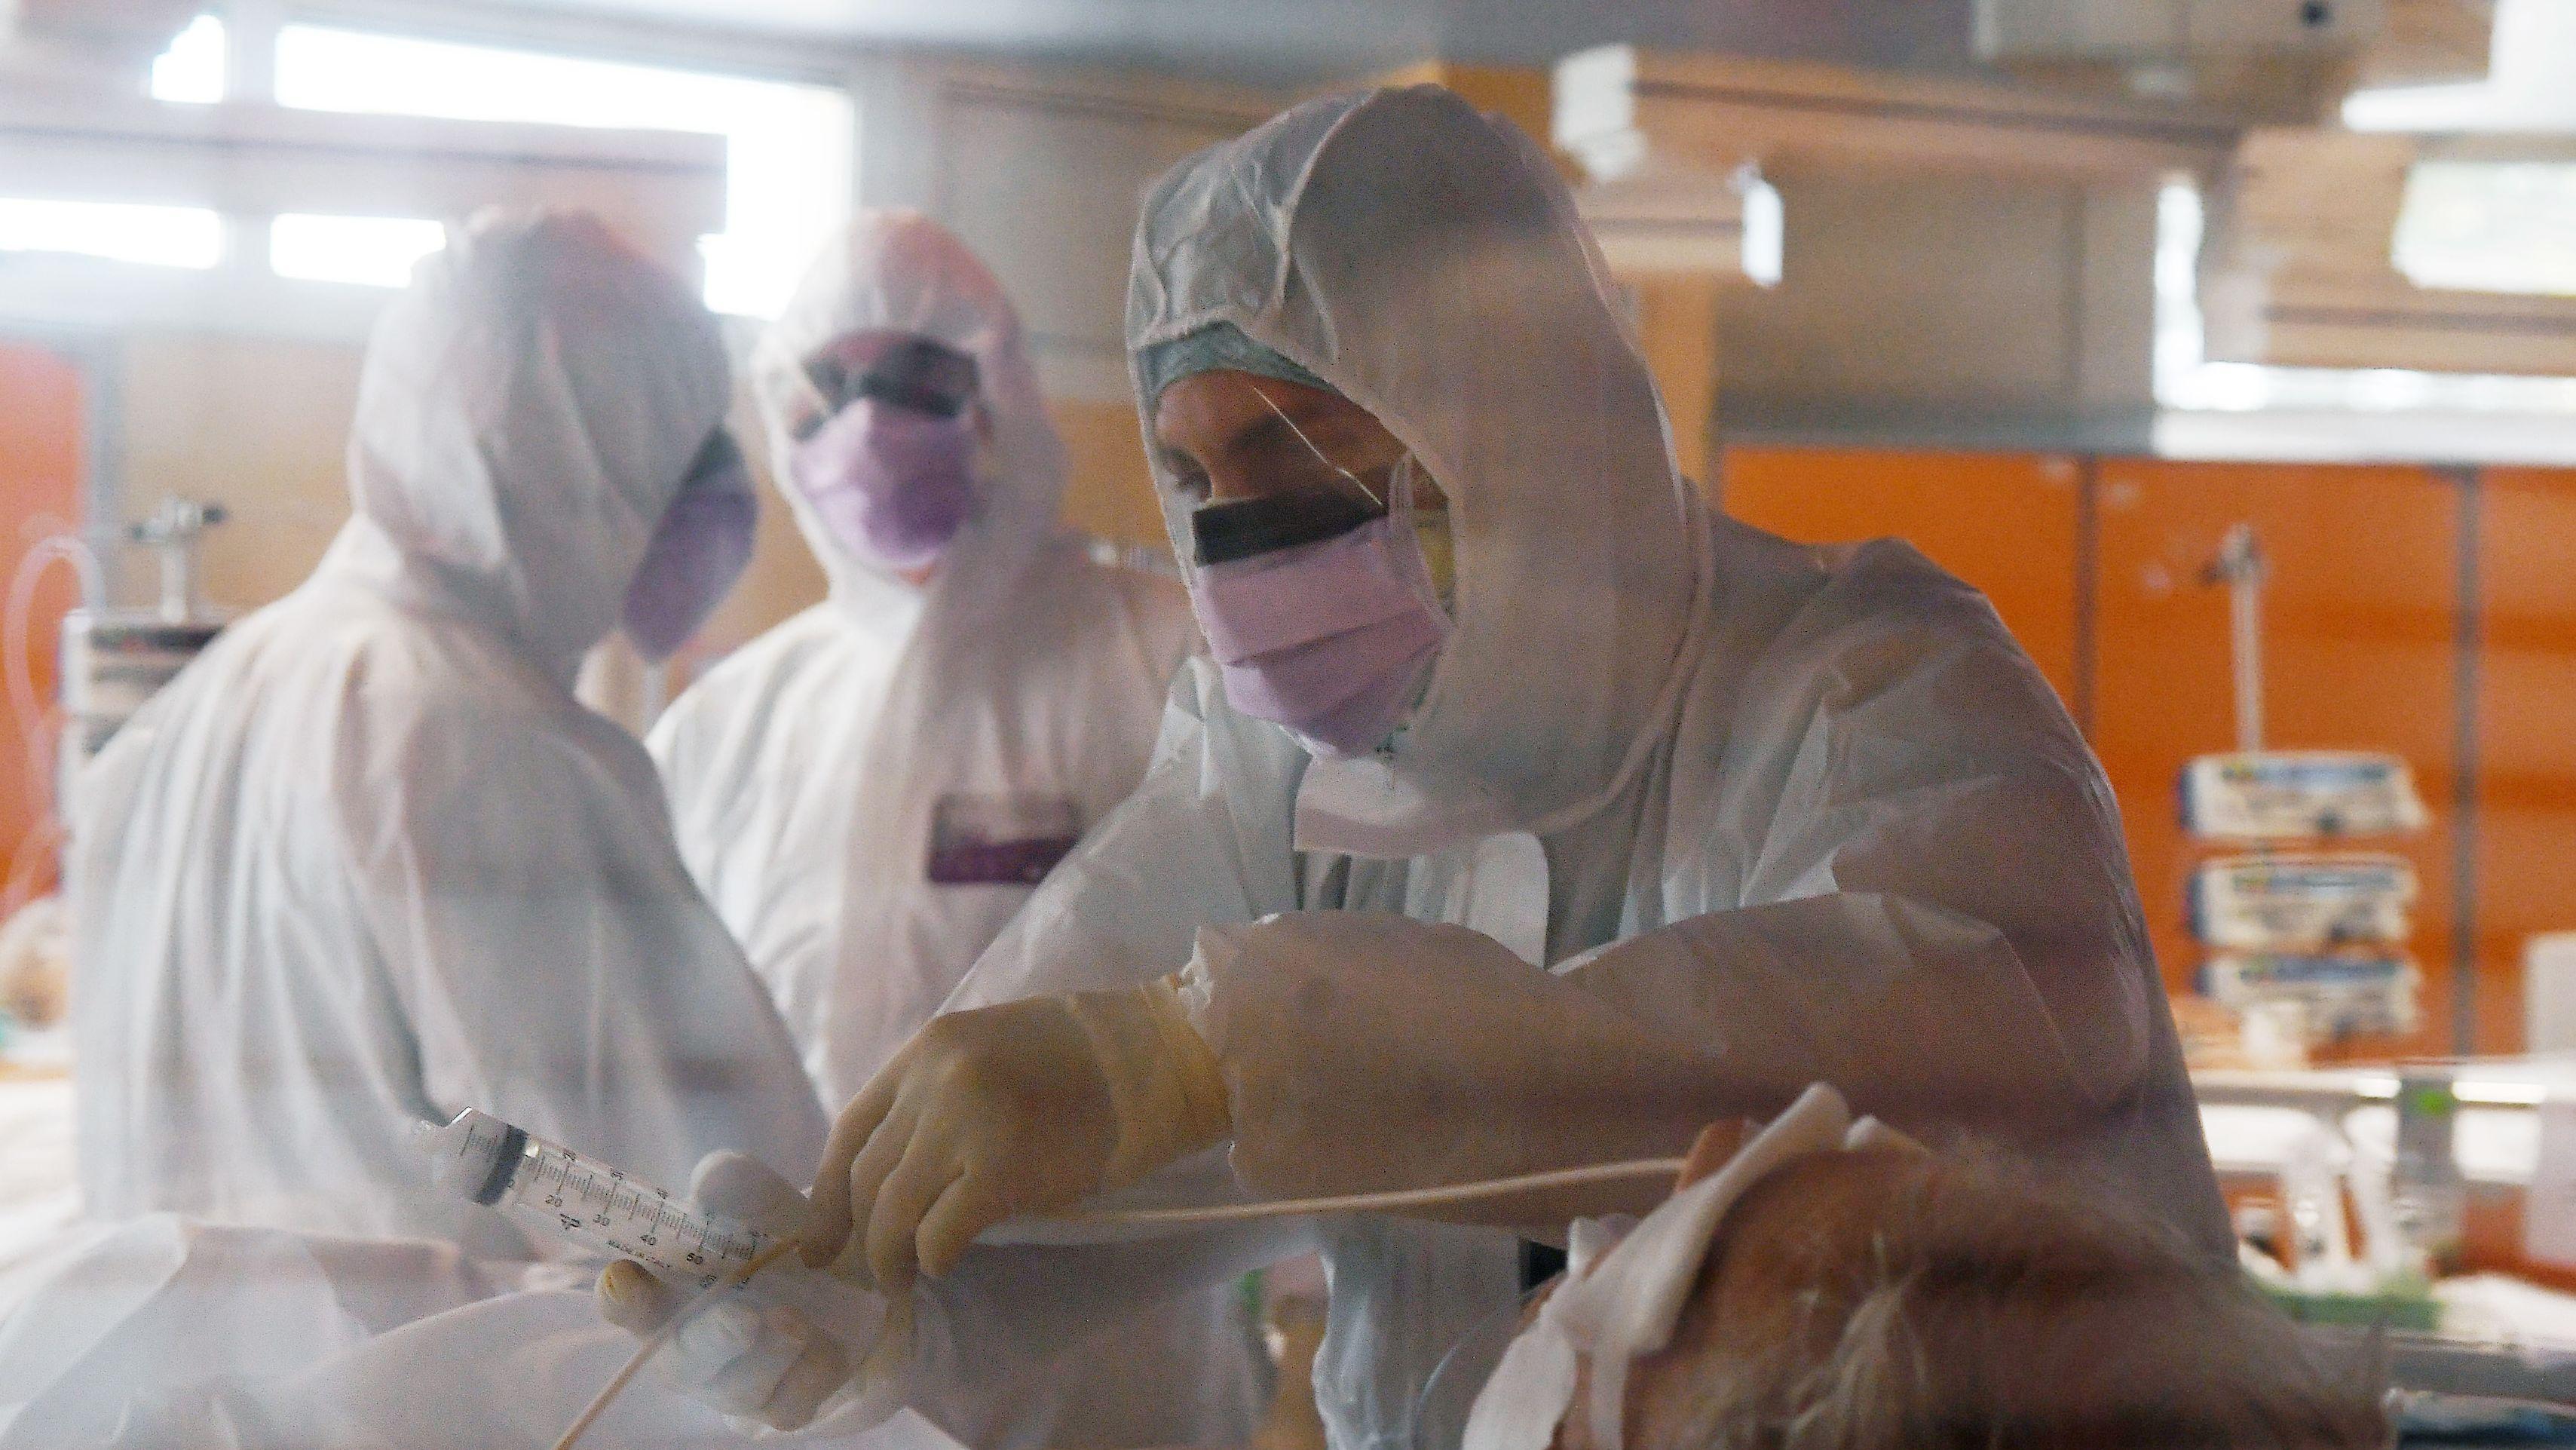 Auf der Intensivstation des Casal Palocco Krankenhaus in Rom betreuen Intensivpfleger Covid 19 Patienten.